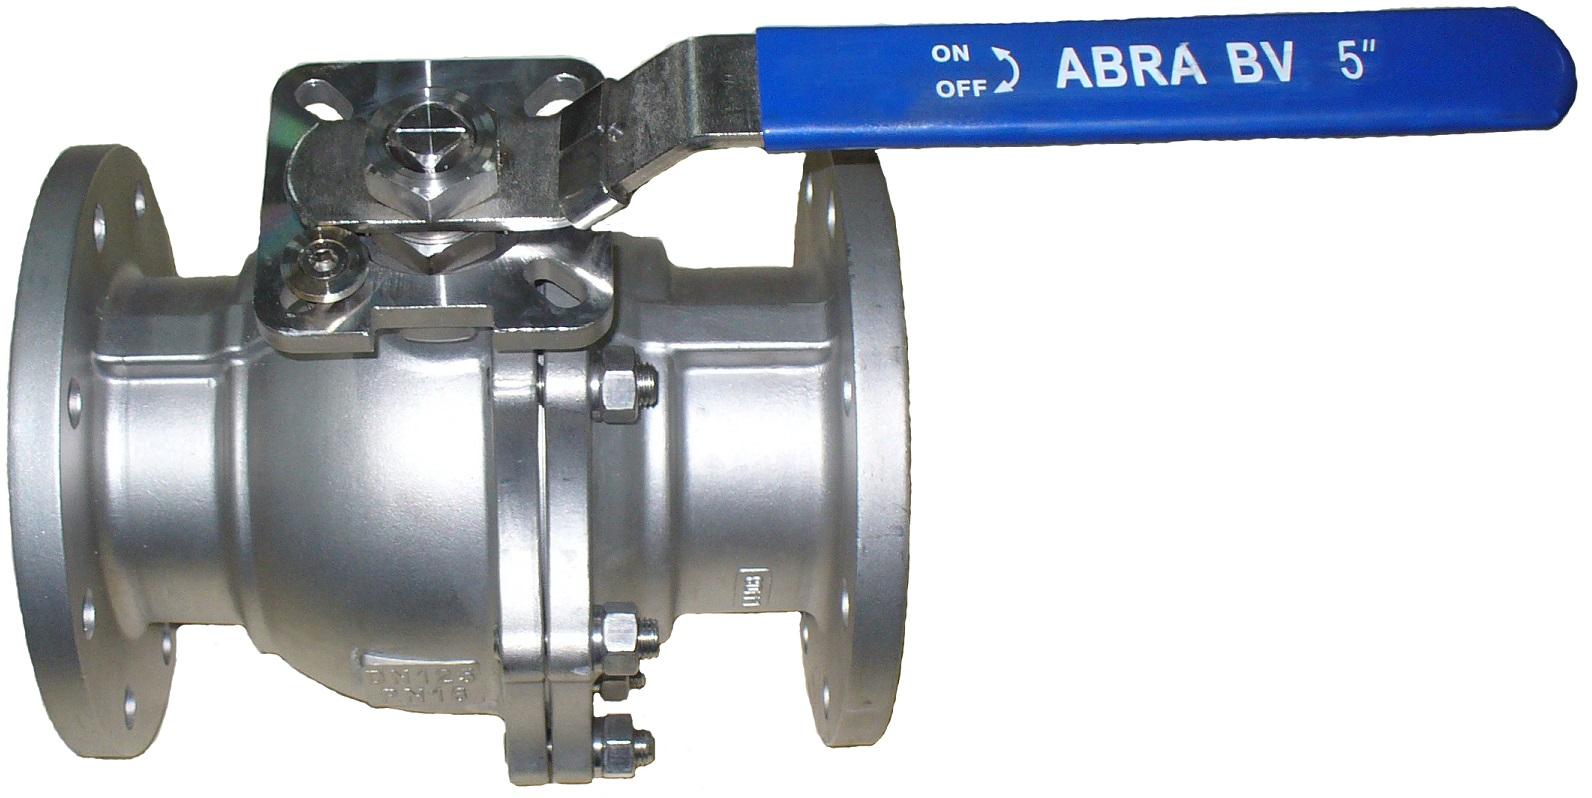 Шаровые краны фланцевые полнопроходные нержавеющие из стали AISI316 (CF8M) DN15-150 DN40 (до DN50) PN16 в (DN65-150) фланец/фланец Тип ABRA-BV41